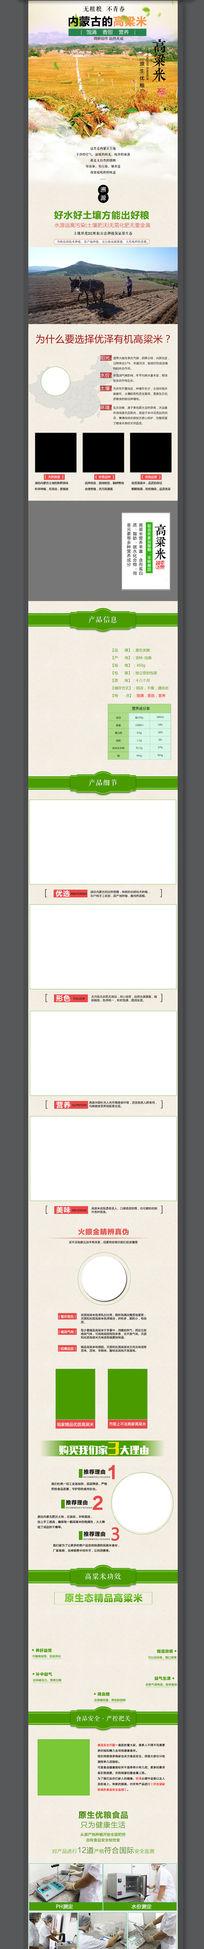 淘宝大米详情页高端大米描述模板PSD图片下载